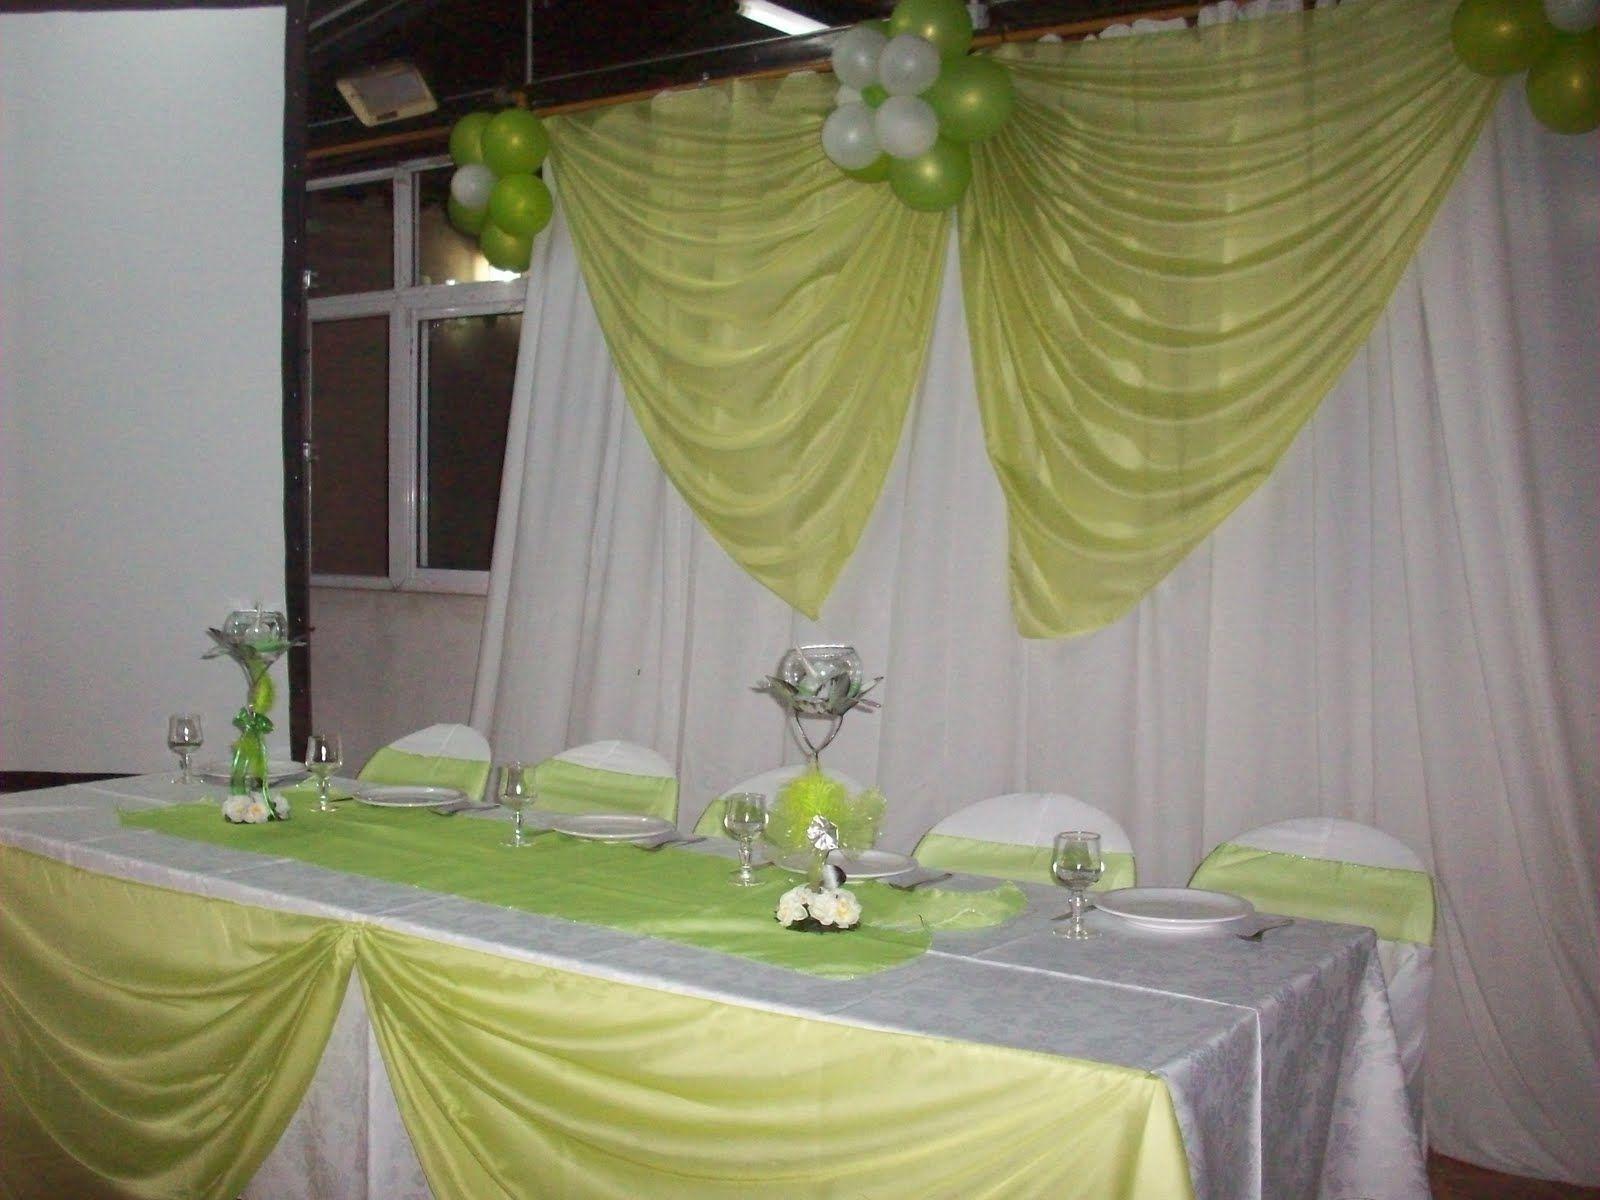 Areglos de xv anos kal dec decoraciones con globos y for Decoracion en telas y globos para 15 anos